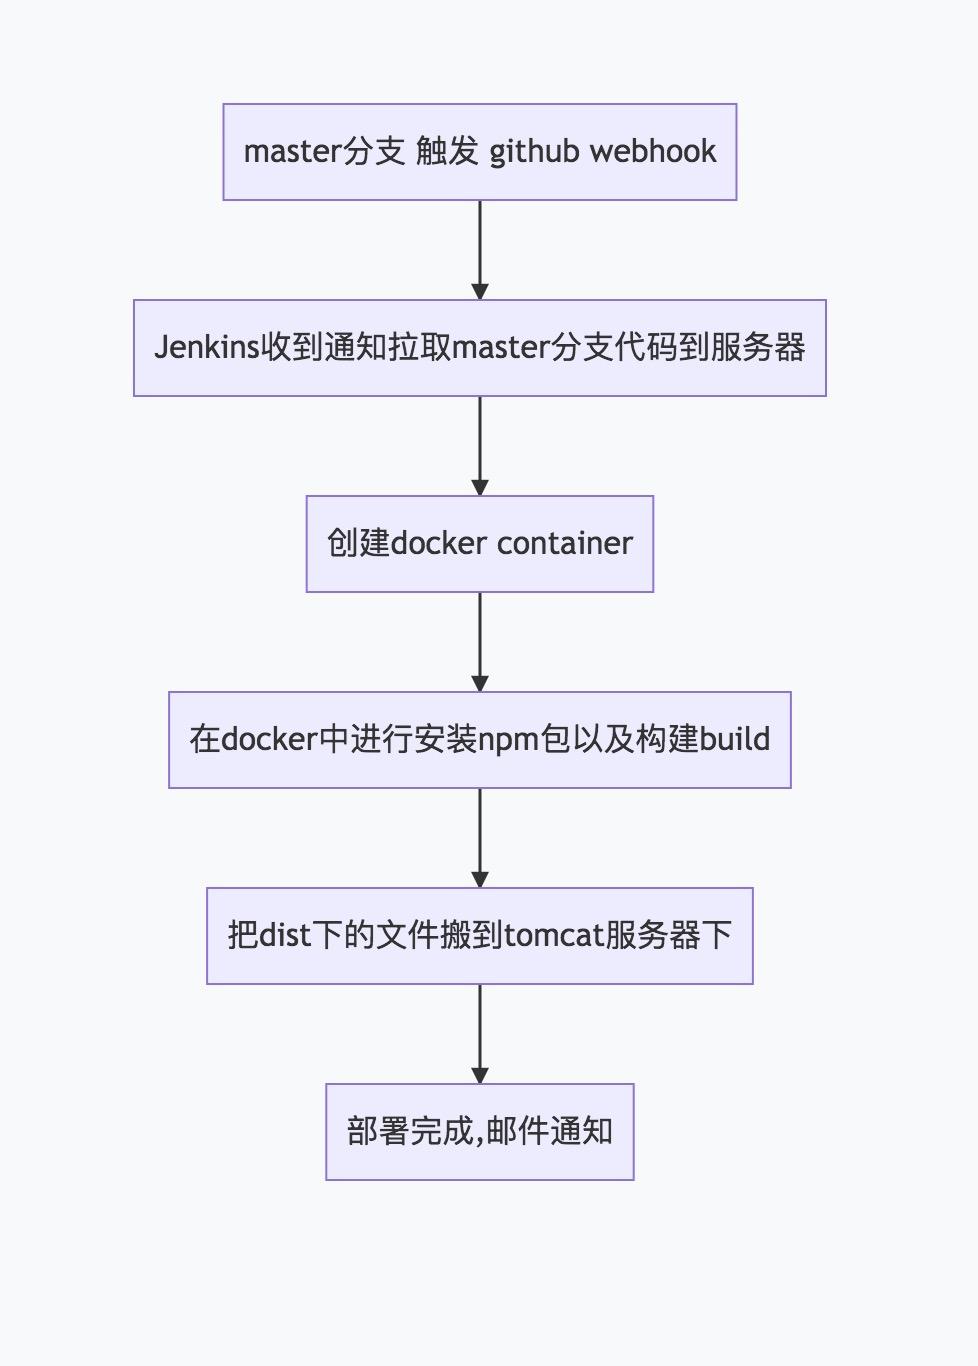 自动化部署流程